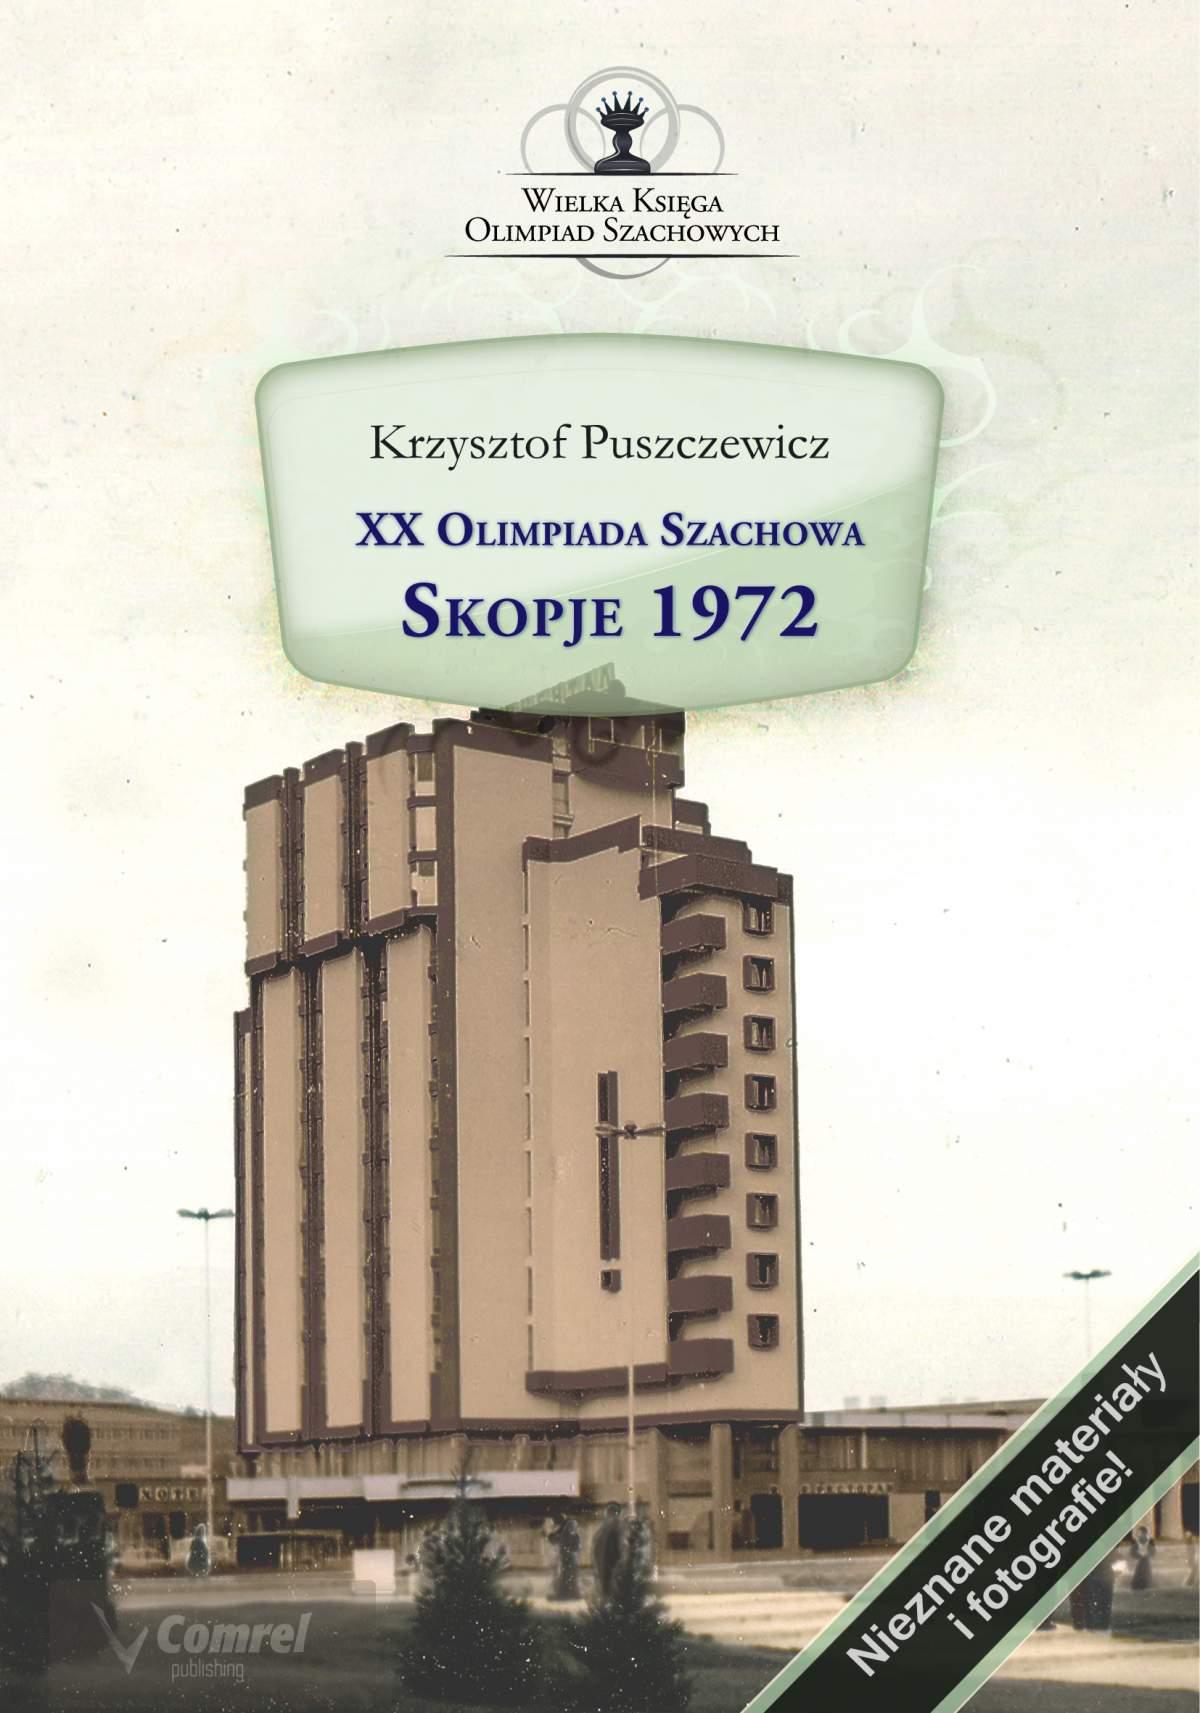 XX Olimpiada Szachowa. Skopje 1972 - Ebook (Książka PDF) do pobrania w formacie PDF